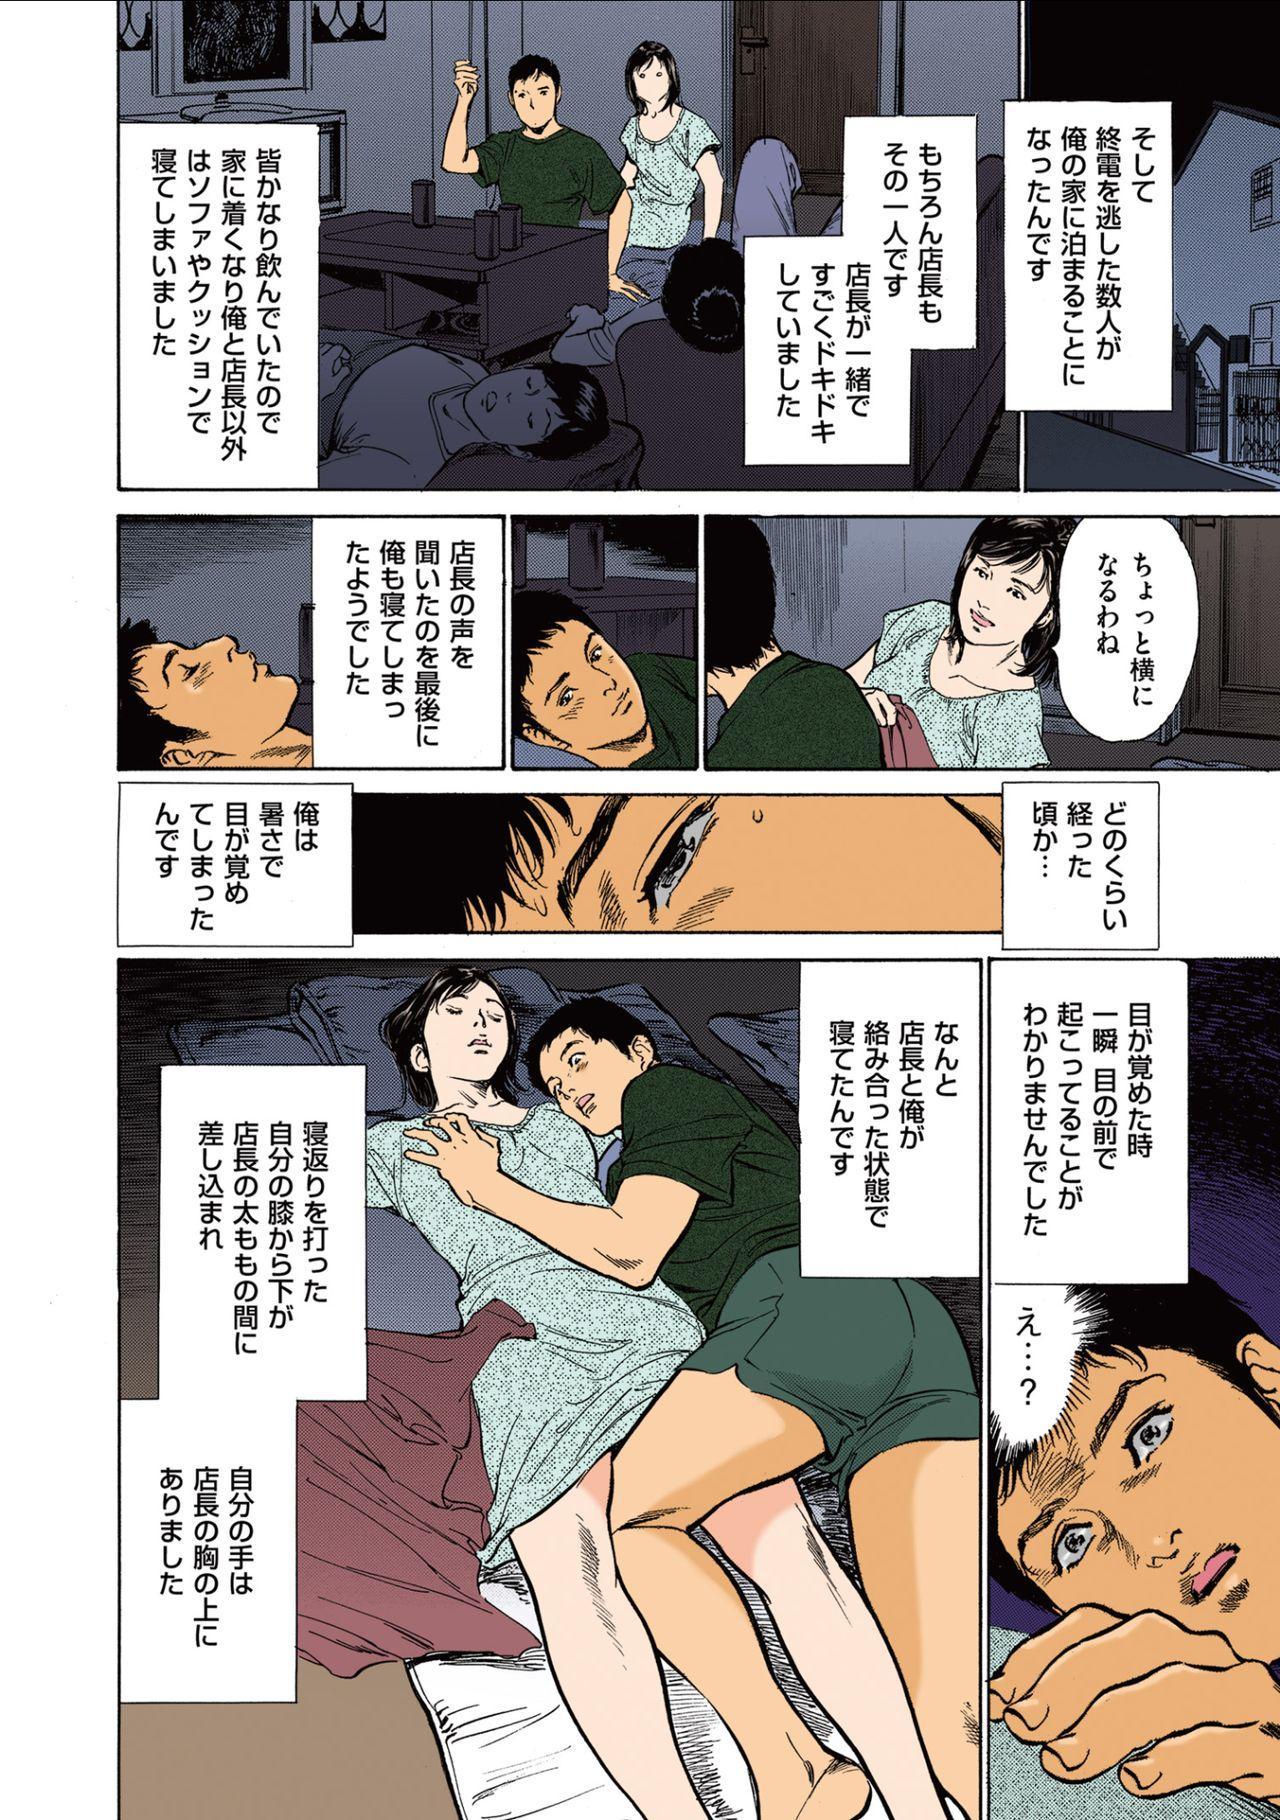 [Hazuki Kaoru] Hazuki Kaoru no Tamaranai Hanashi (Full Color Version) 1-2 73